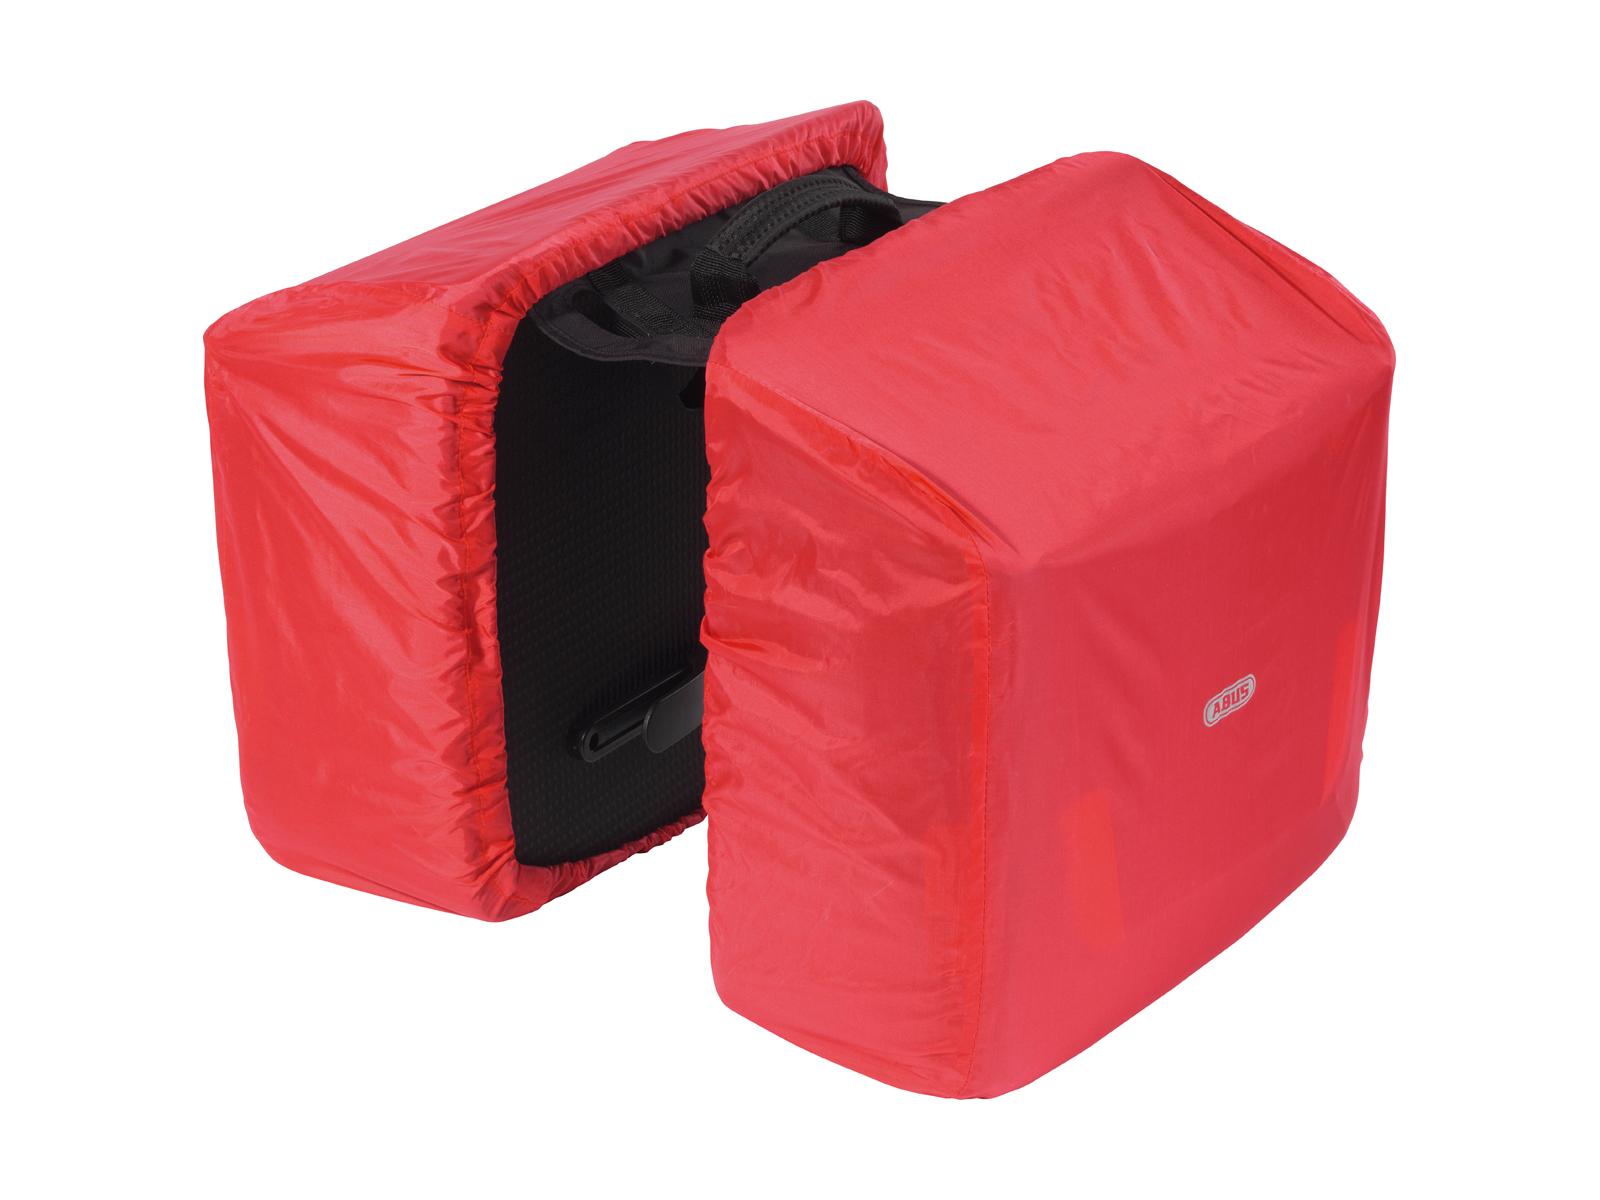 Велосипедная сумка-штаны на багажник. Два отделения объемом по 13 литров каждое. Размеры 34 х 32,5 х 15 см